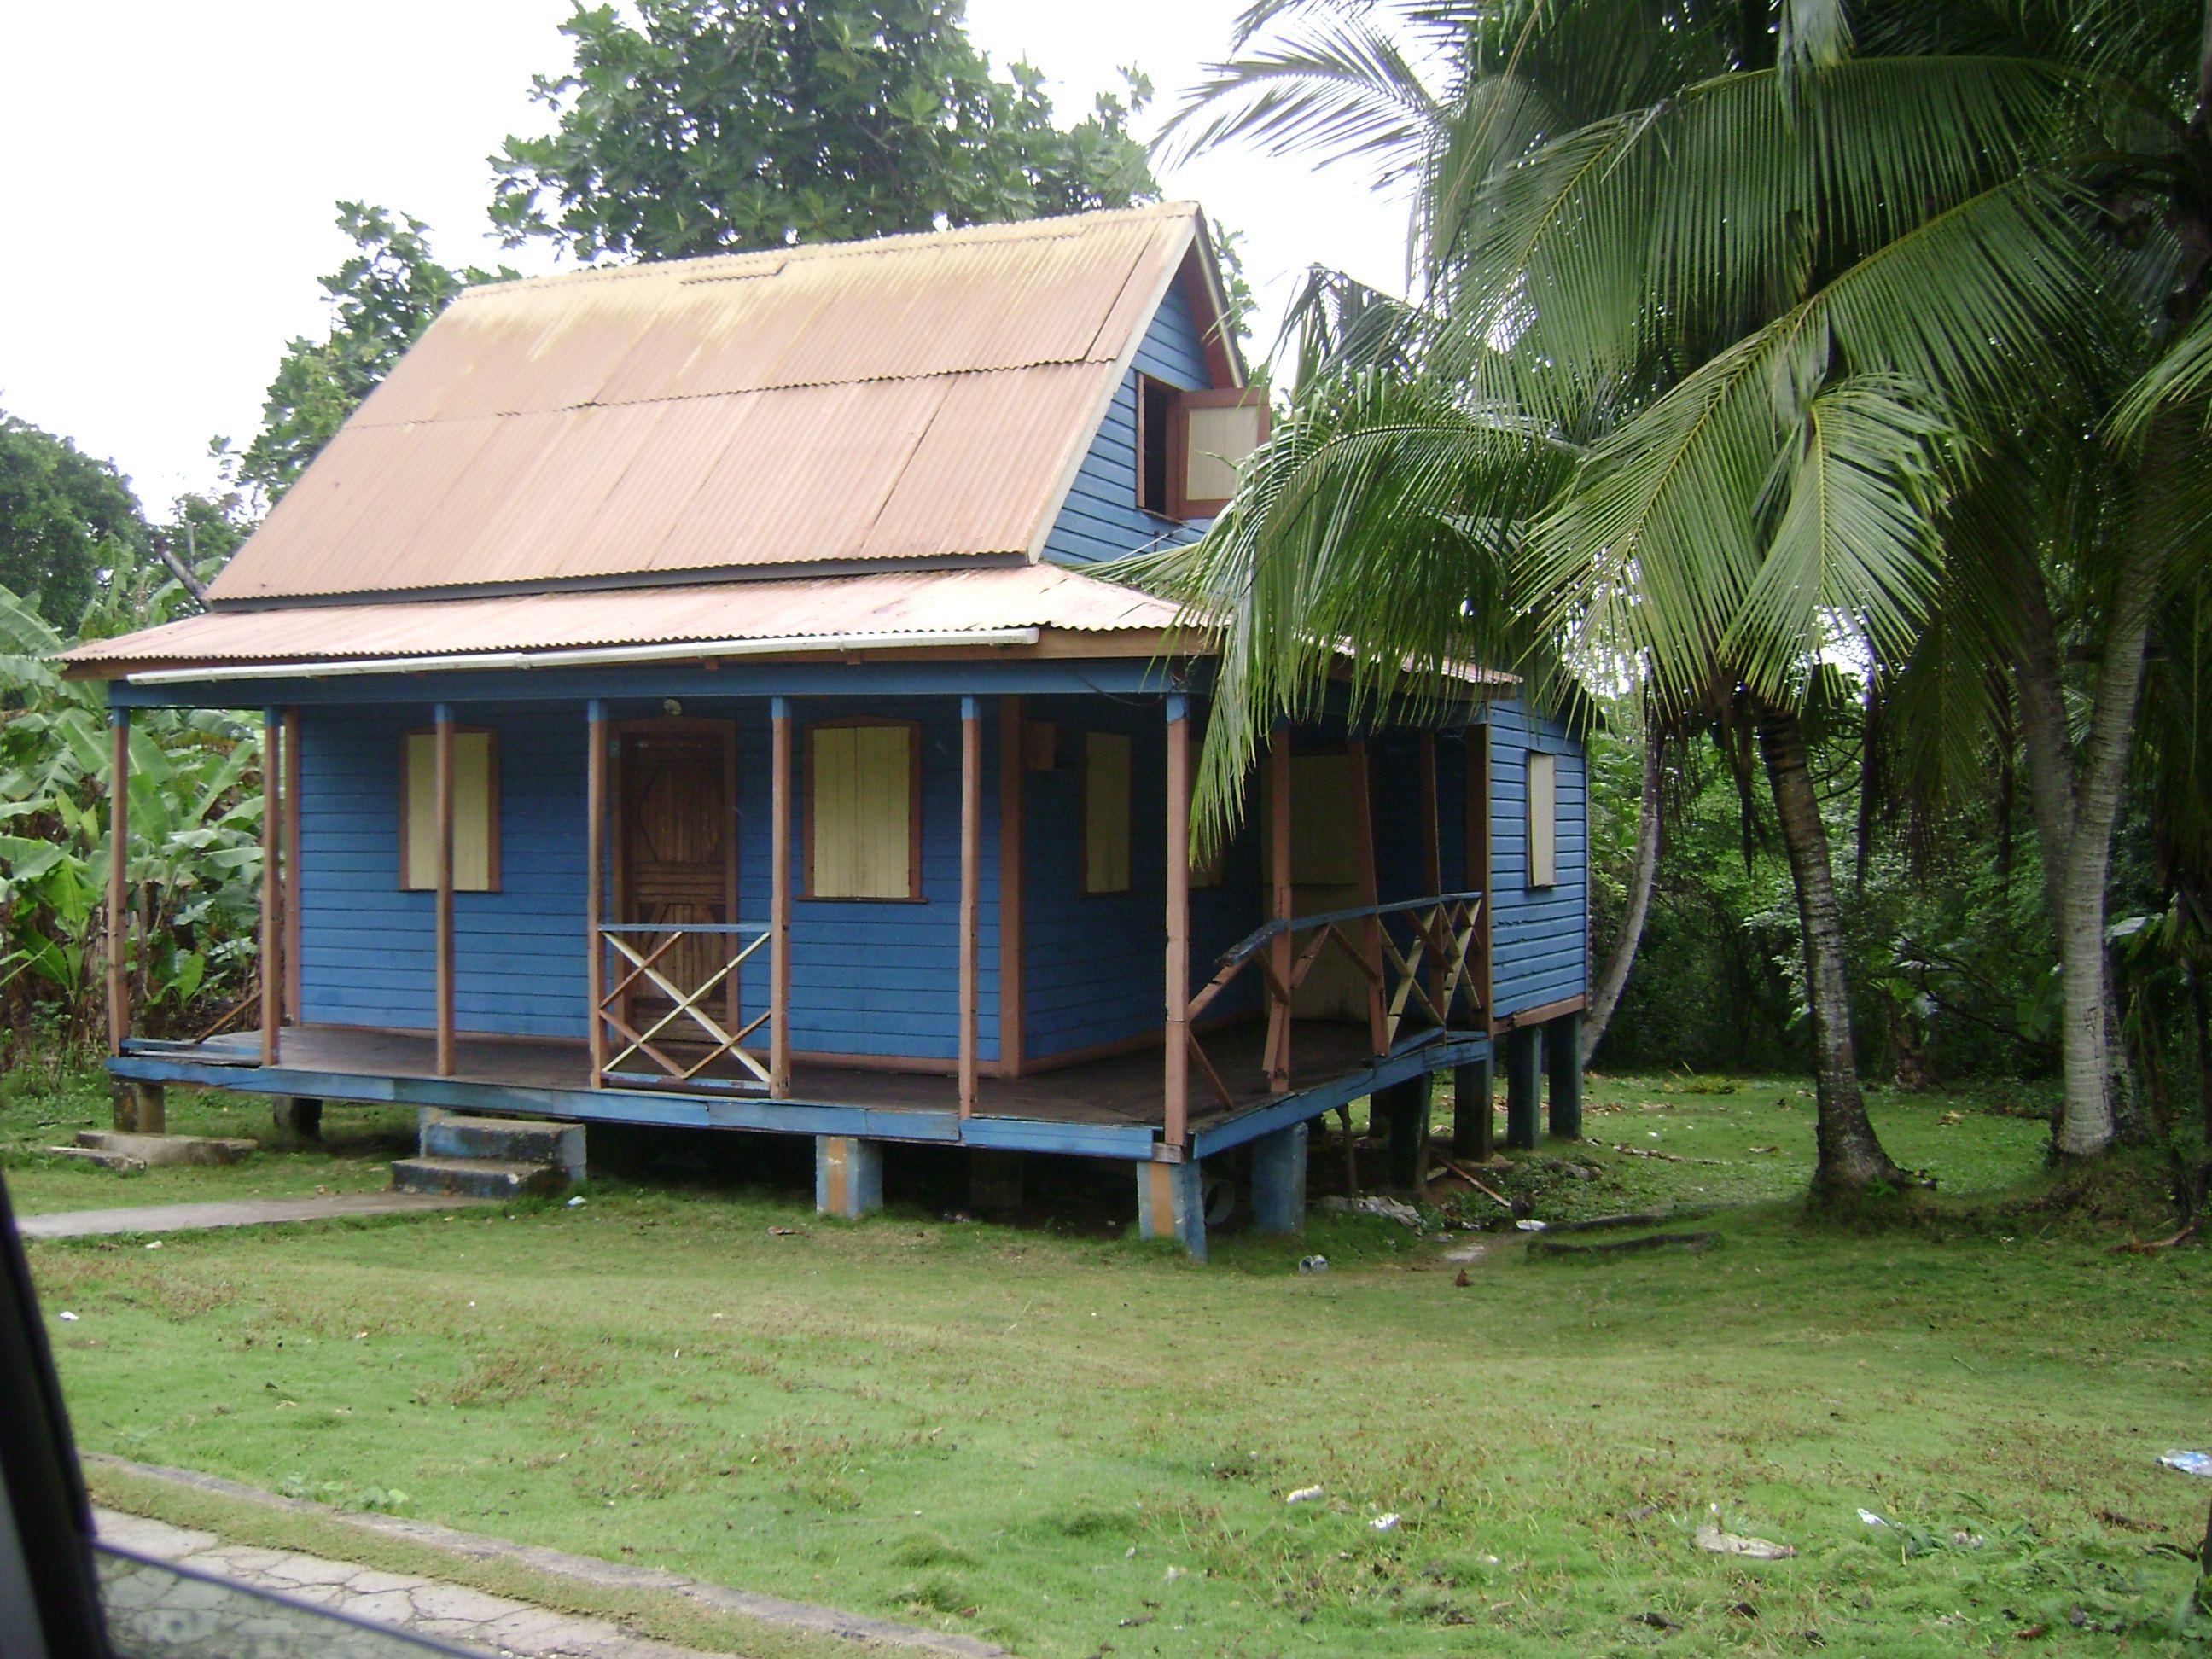 Casa típica, arquitectura isleña de San Andrés. Colombia